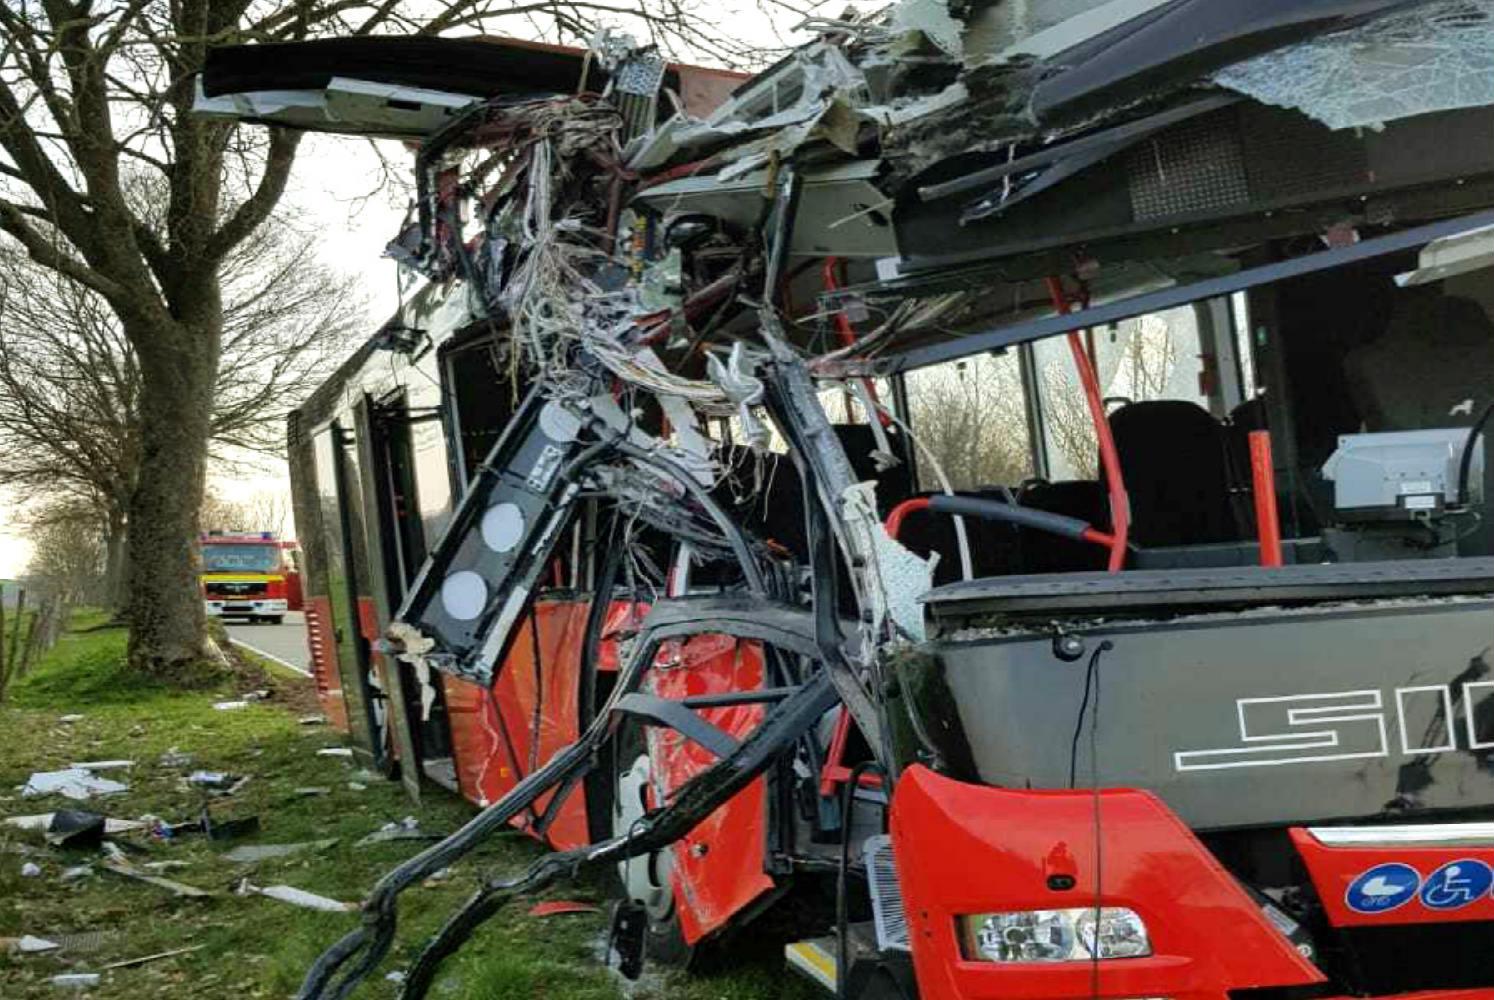 Γερμανία: Λεωφορείο με μαθητές συγκρούστηκε σε δέντρο - 20 τραυματίες